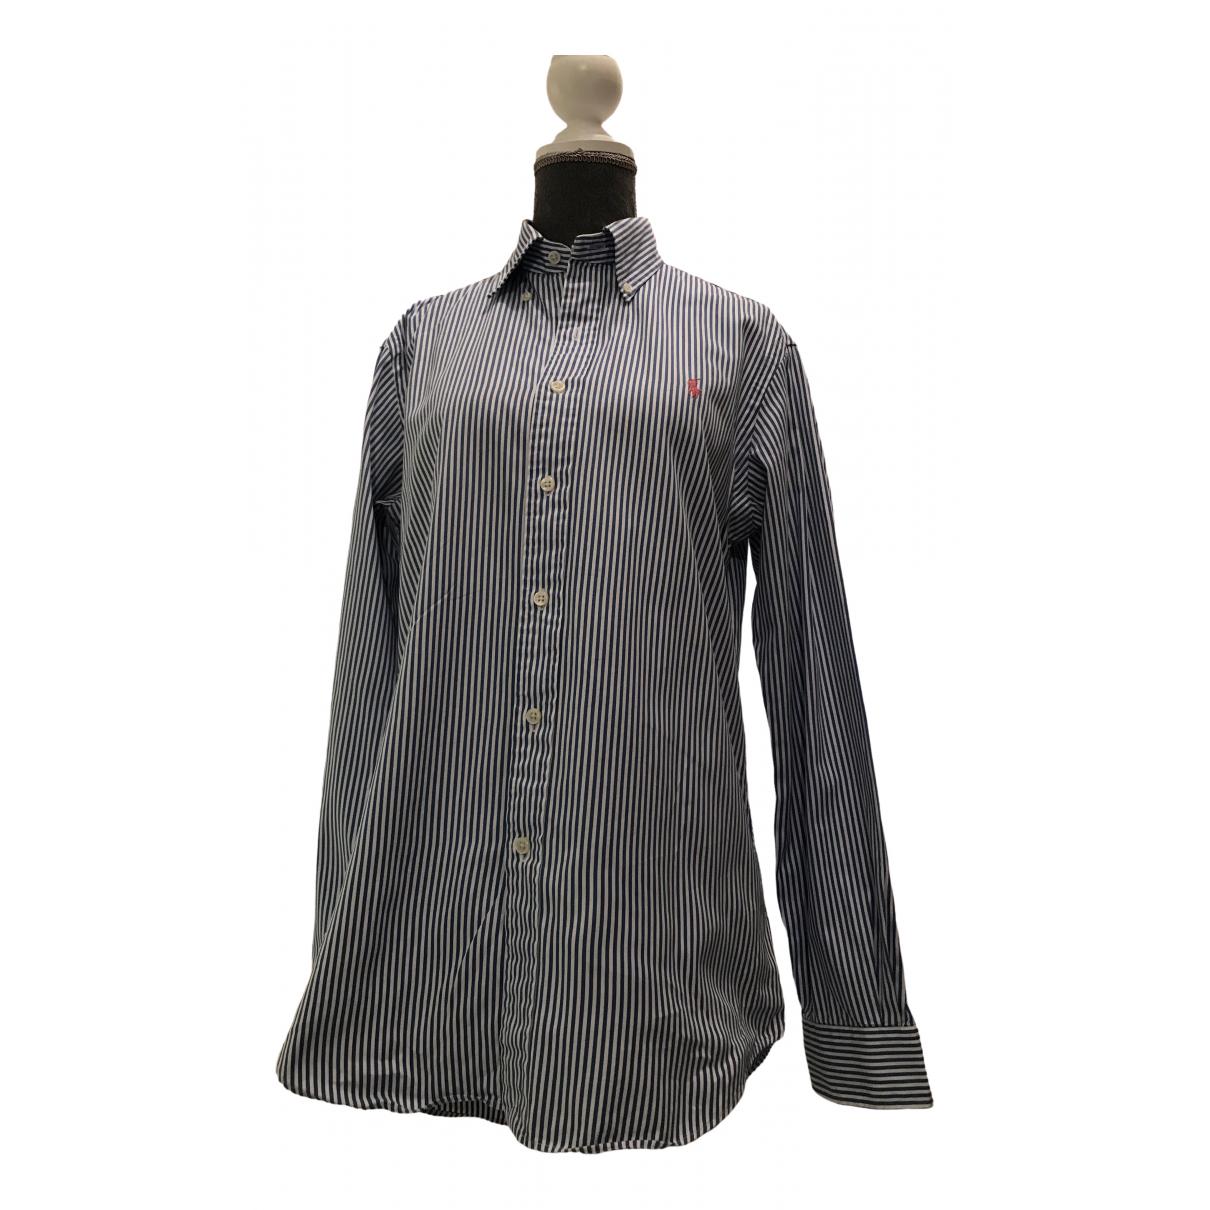 Ralph Lauren \N Blue Cotton Shirts for Men XS International